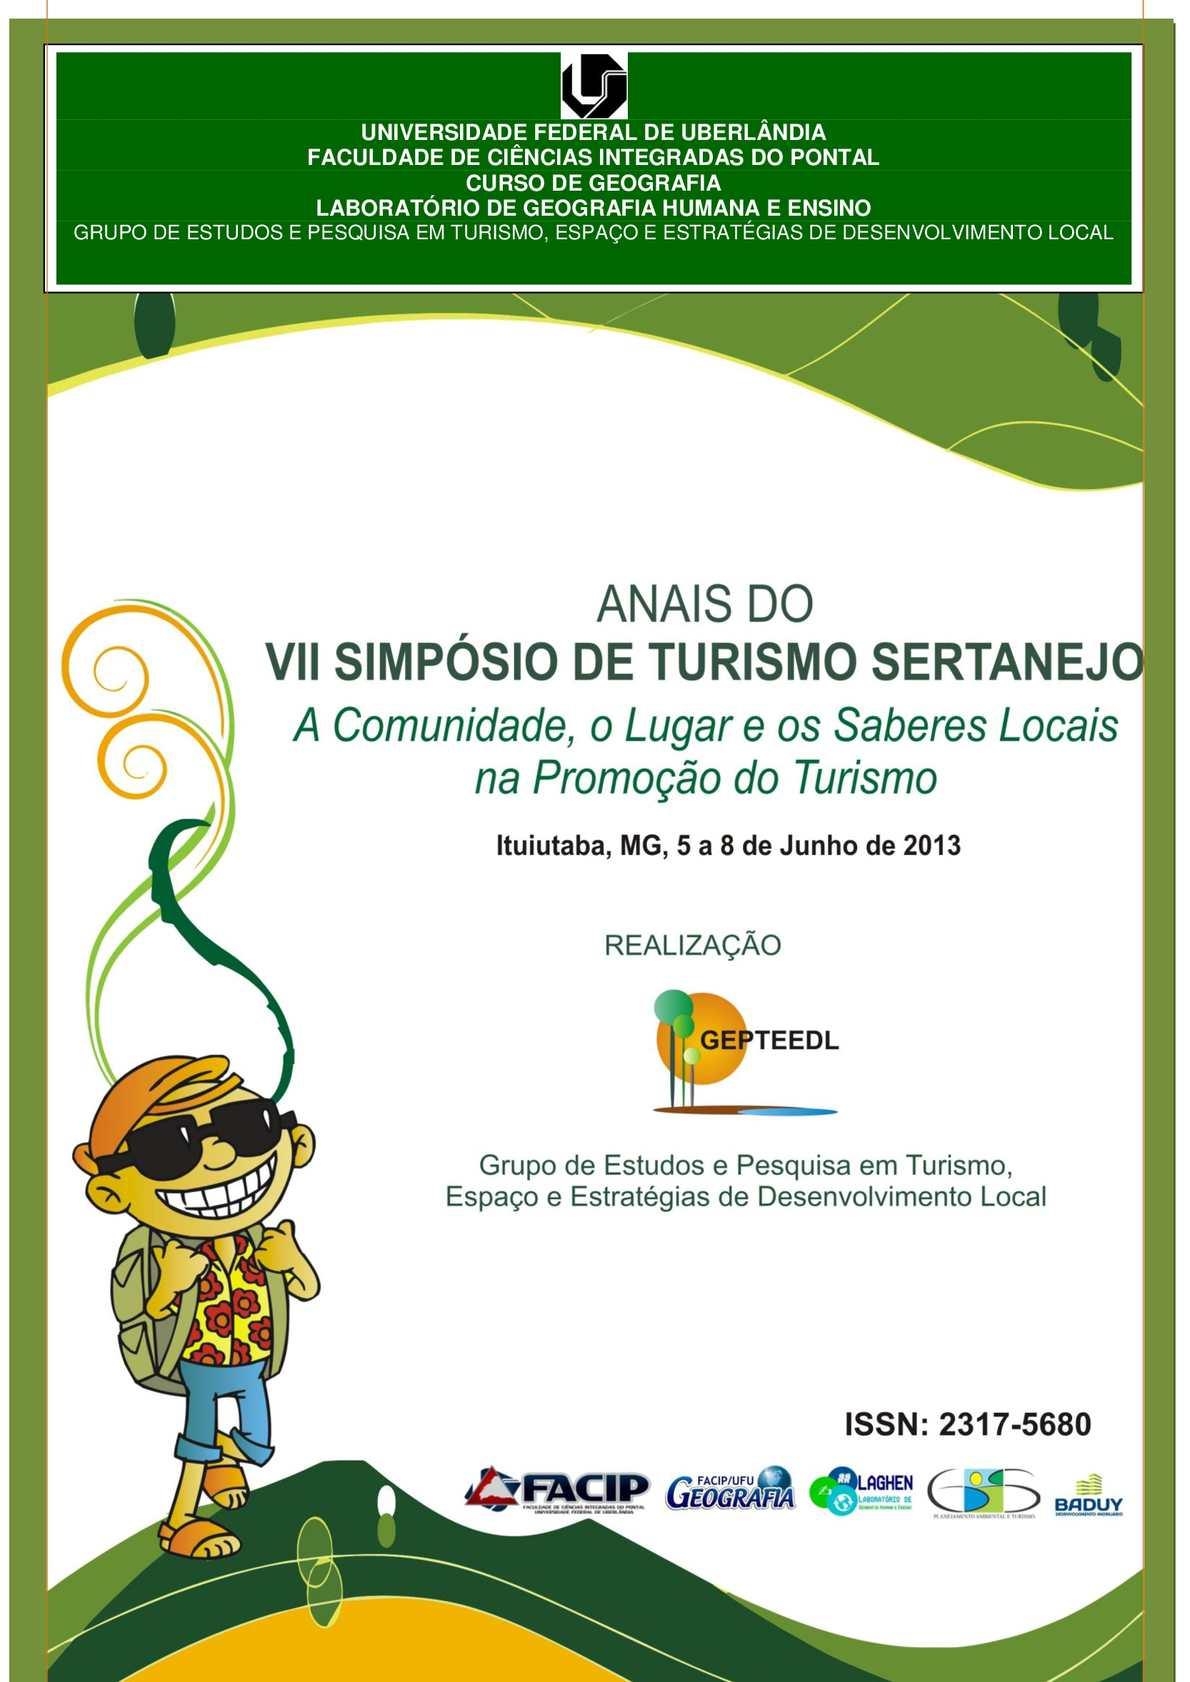 Calaméo - Anais do VII Simpósio de Turismo Sertanejo 4258f07d8213d